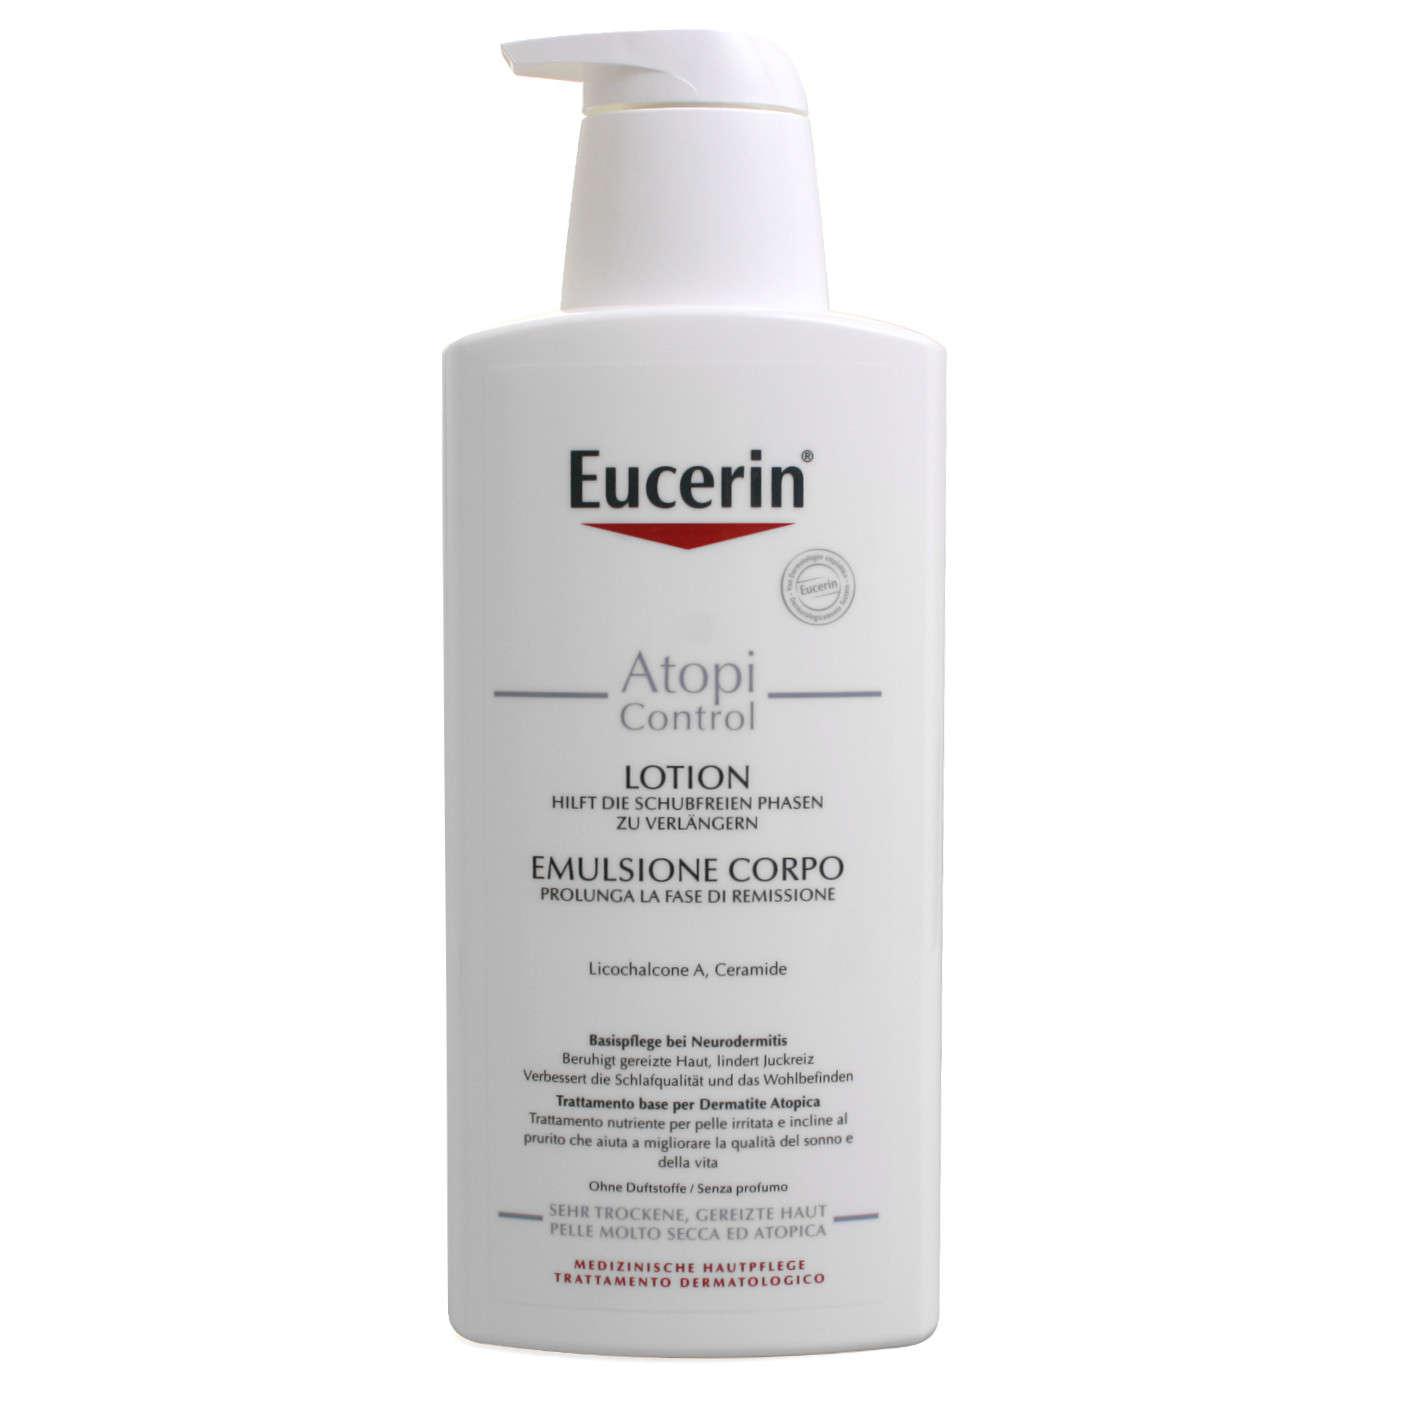 Eucerin - Atopi-control - Emulsione corpo